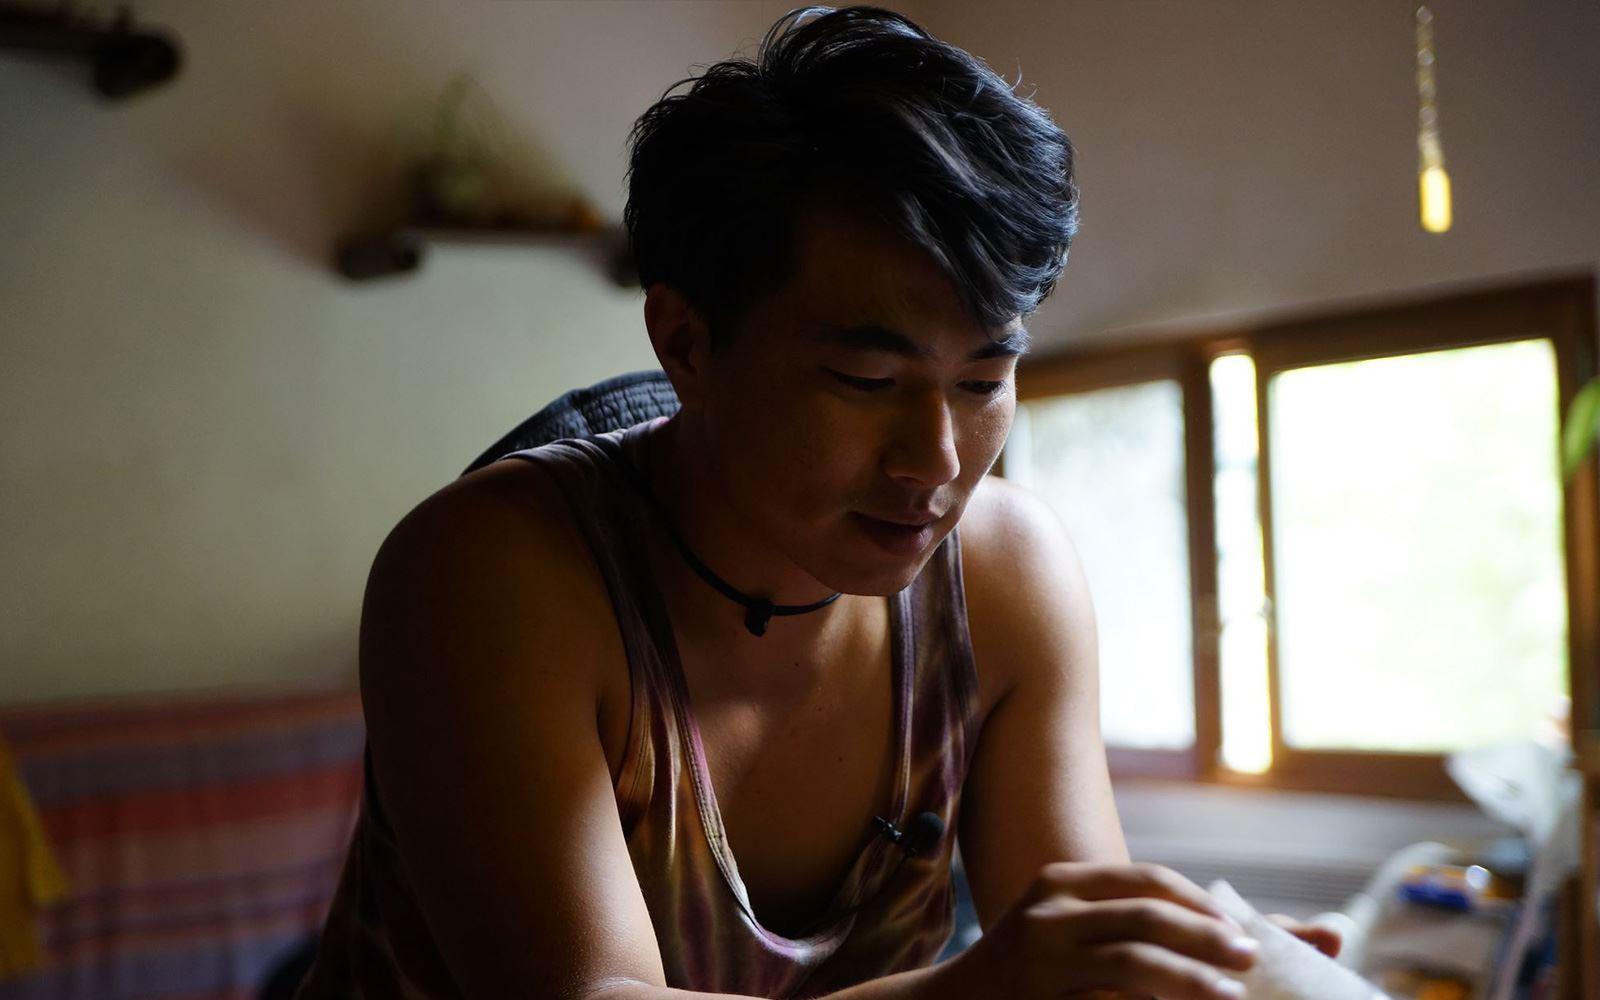 딸기 농사를 짓는 청년농사꾼 권두현씨. [사진 영화사 진진]